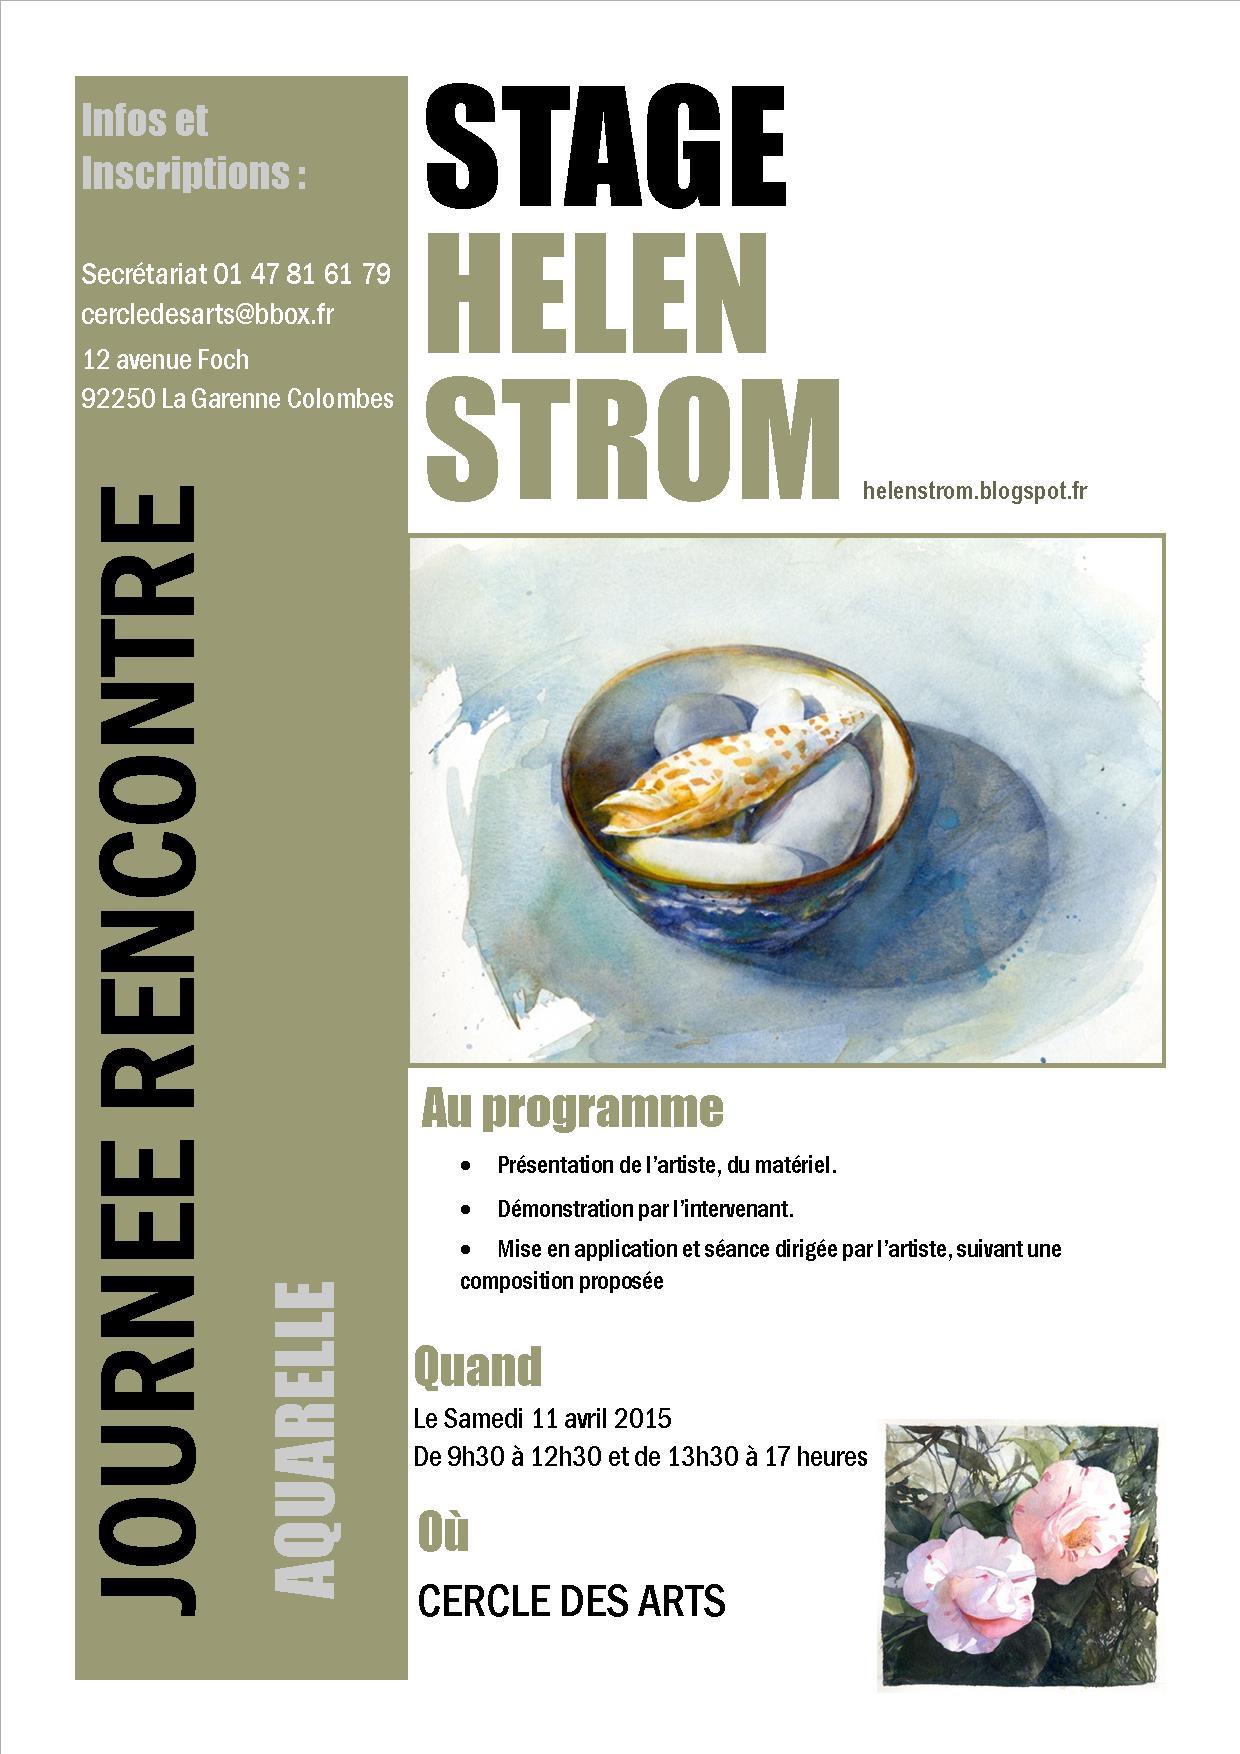 Journée aquarelle avec l'artiste Helen STROM.